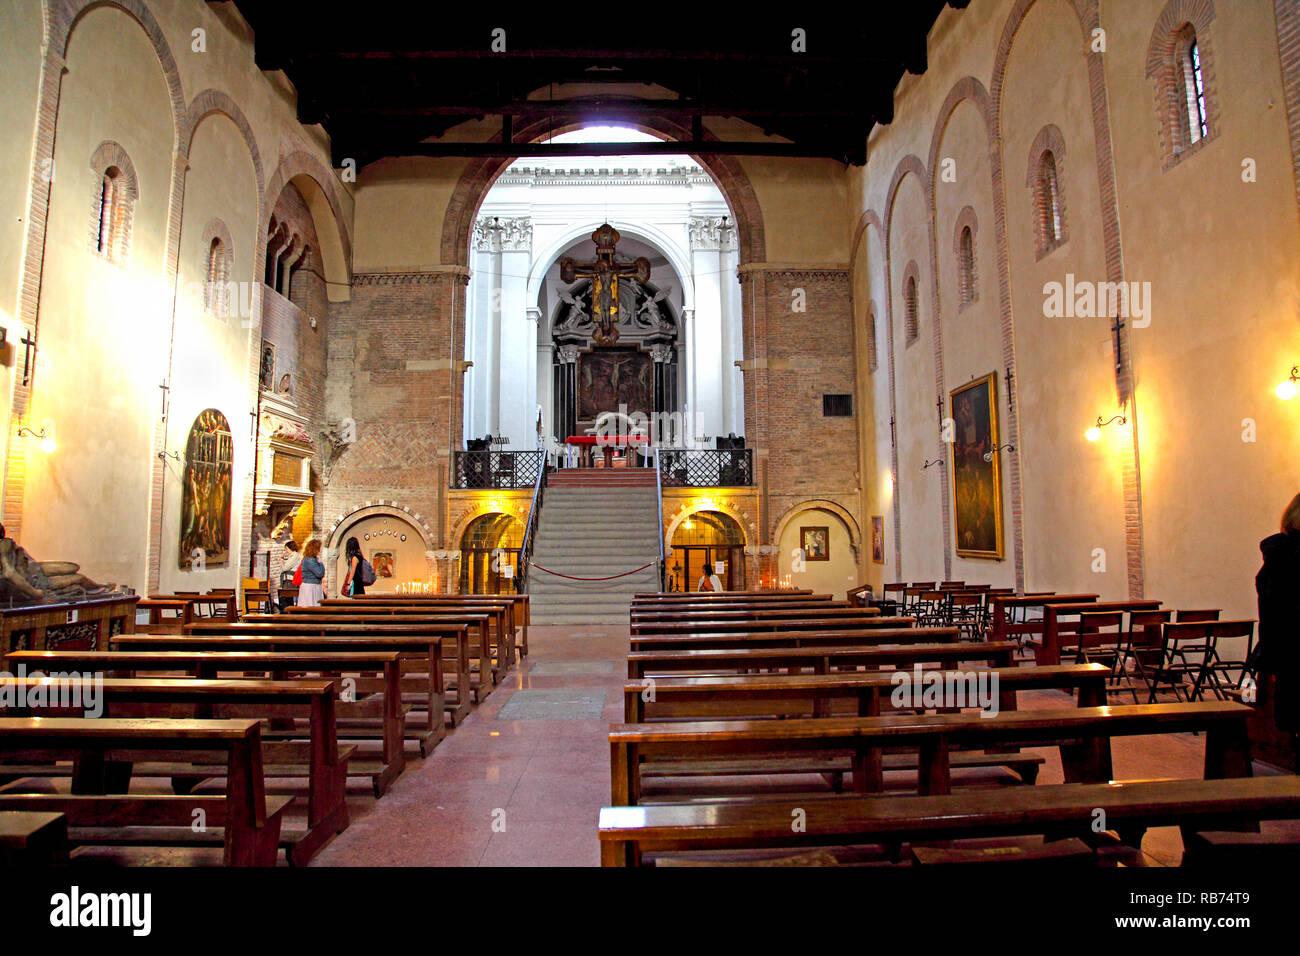 L interno della basilica medioevale di Santo Stefano in Bologna. Immagini Stock